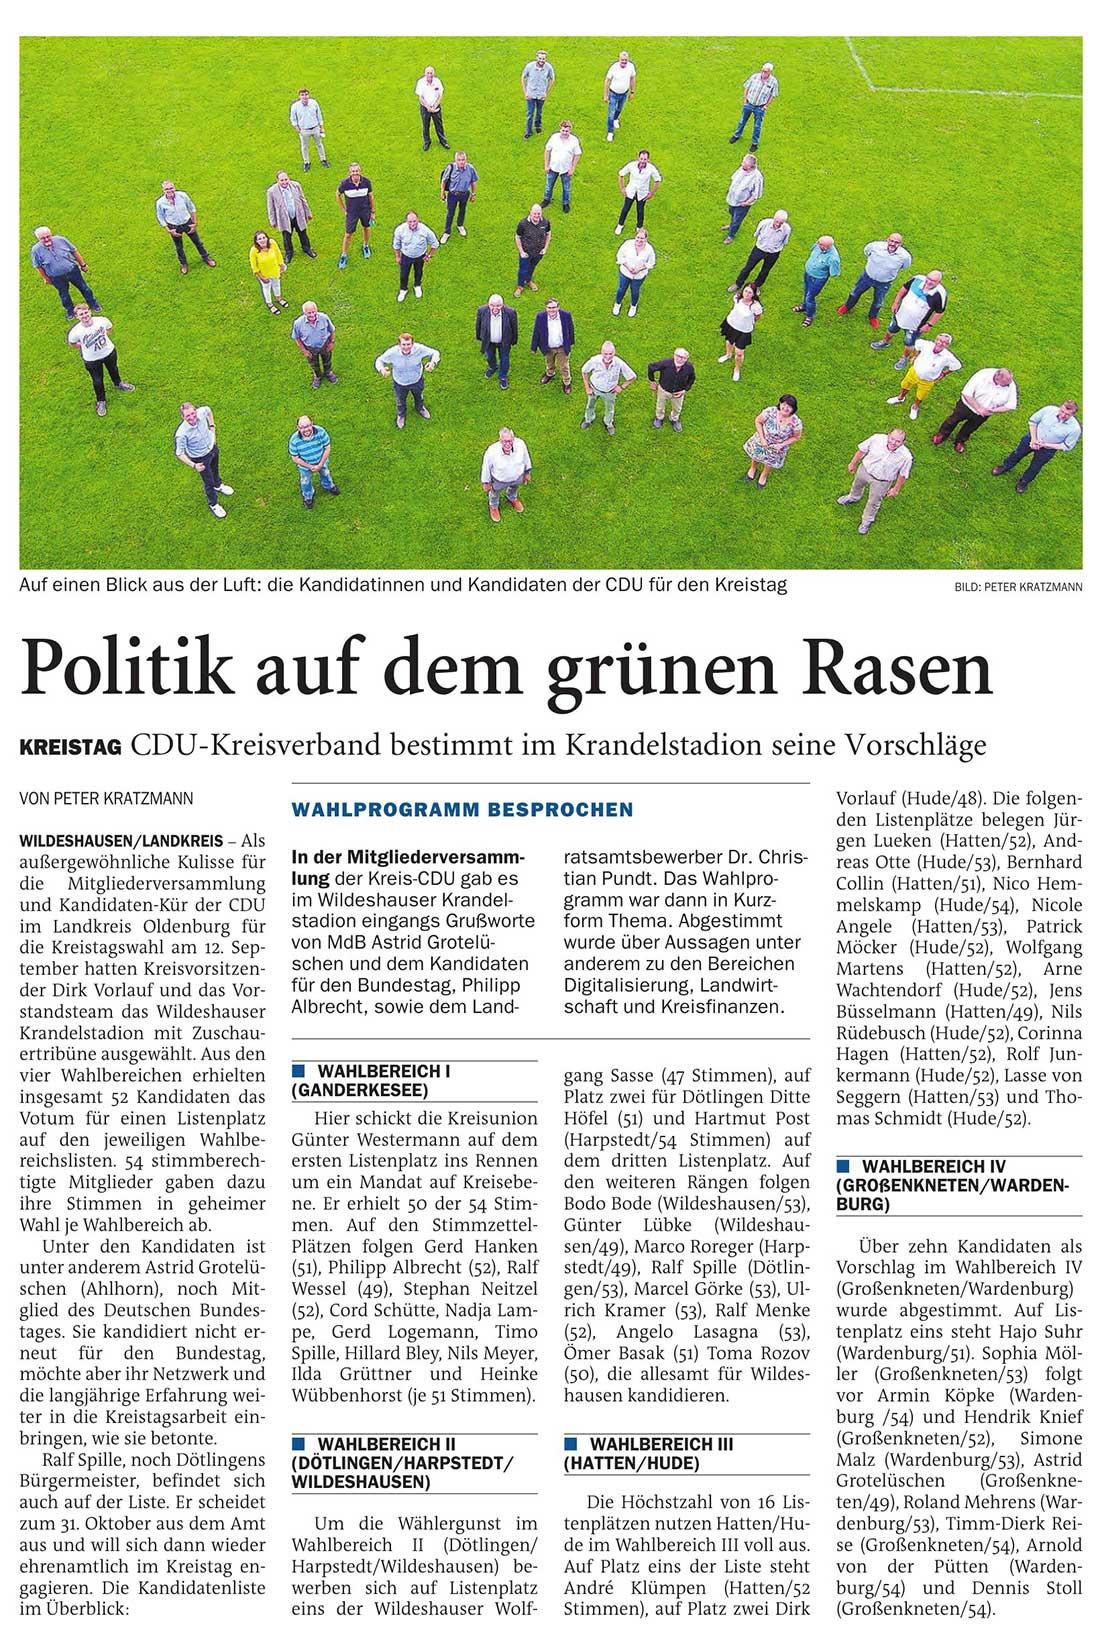 Politik auf dem grünen RasenKreistag: CDU-Kreisverband bestimmt im Krandelstadion seine VorschlägeArtikel vom 21.06.2021 (NWZ)